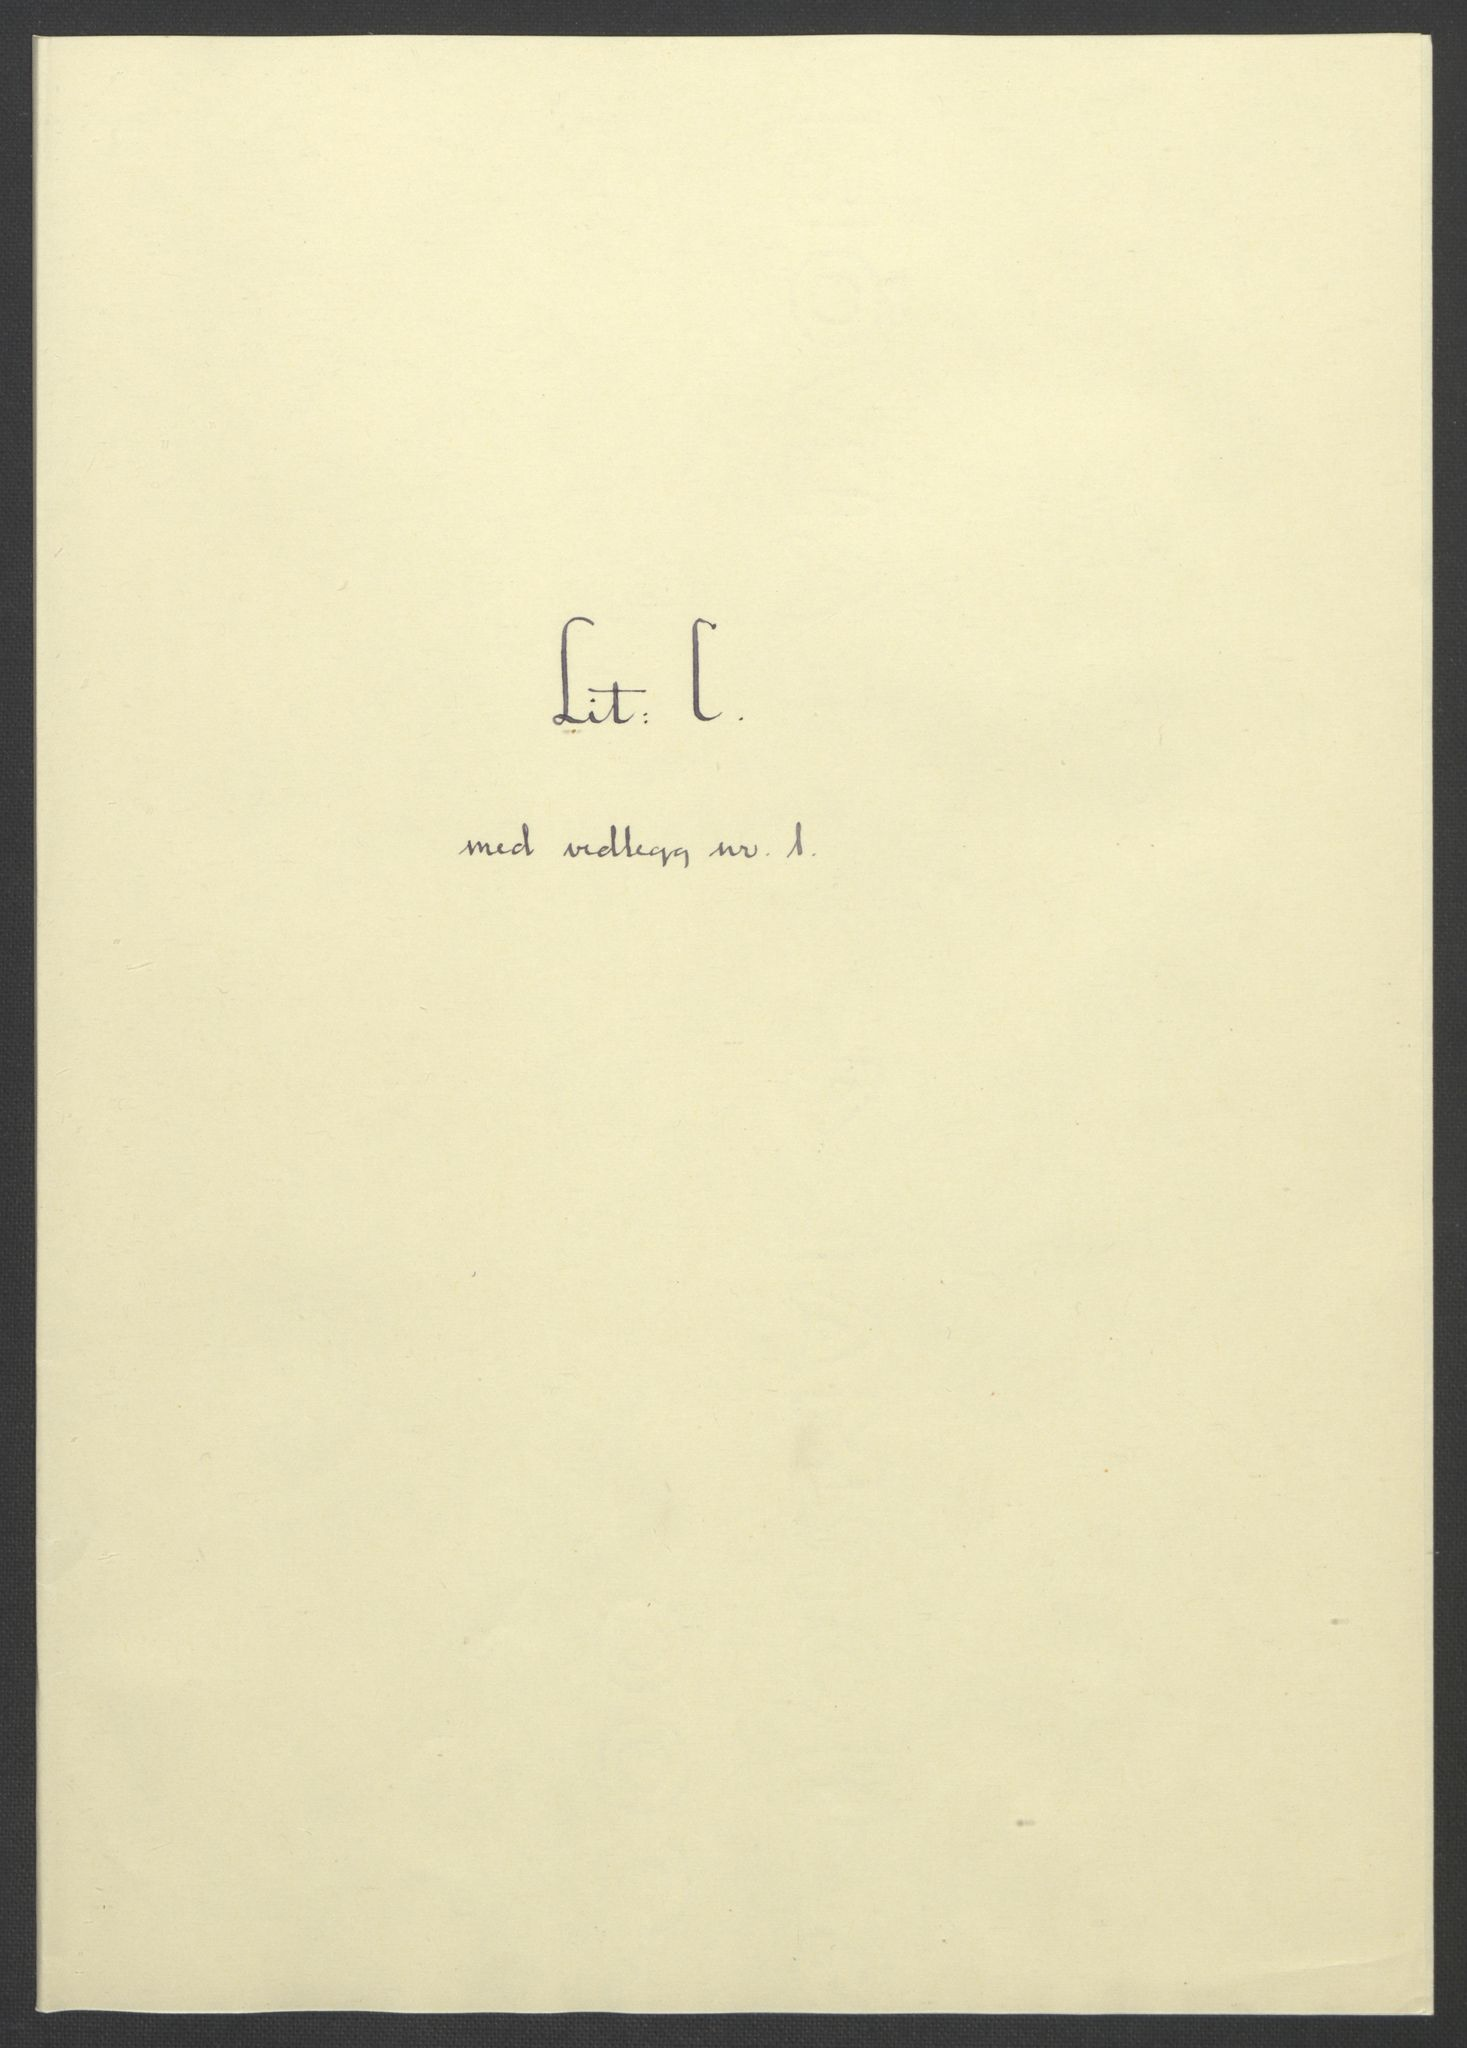 RA, Rentekammeret inntil 1814, Reviderte regnskaper, Fogderegnskap, R53/L3421: Fogderegnskap Sunn- og Nordfjord, 1693-1694, s. 193